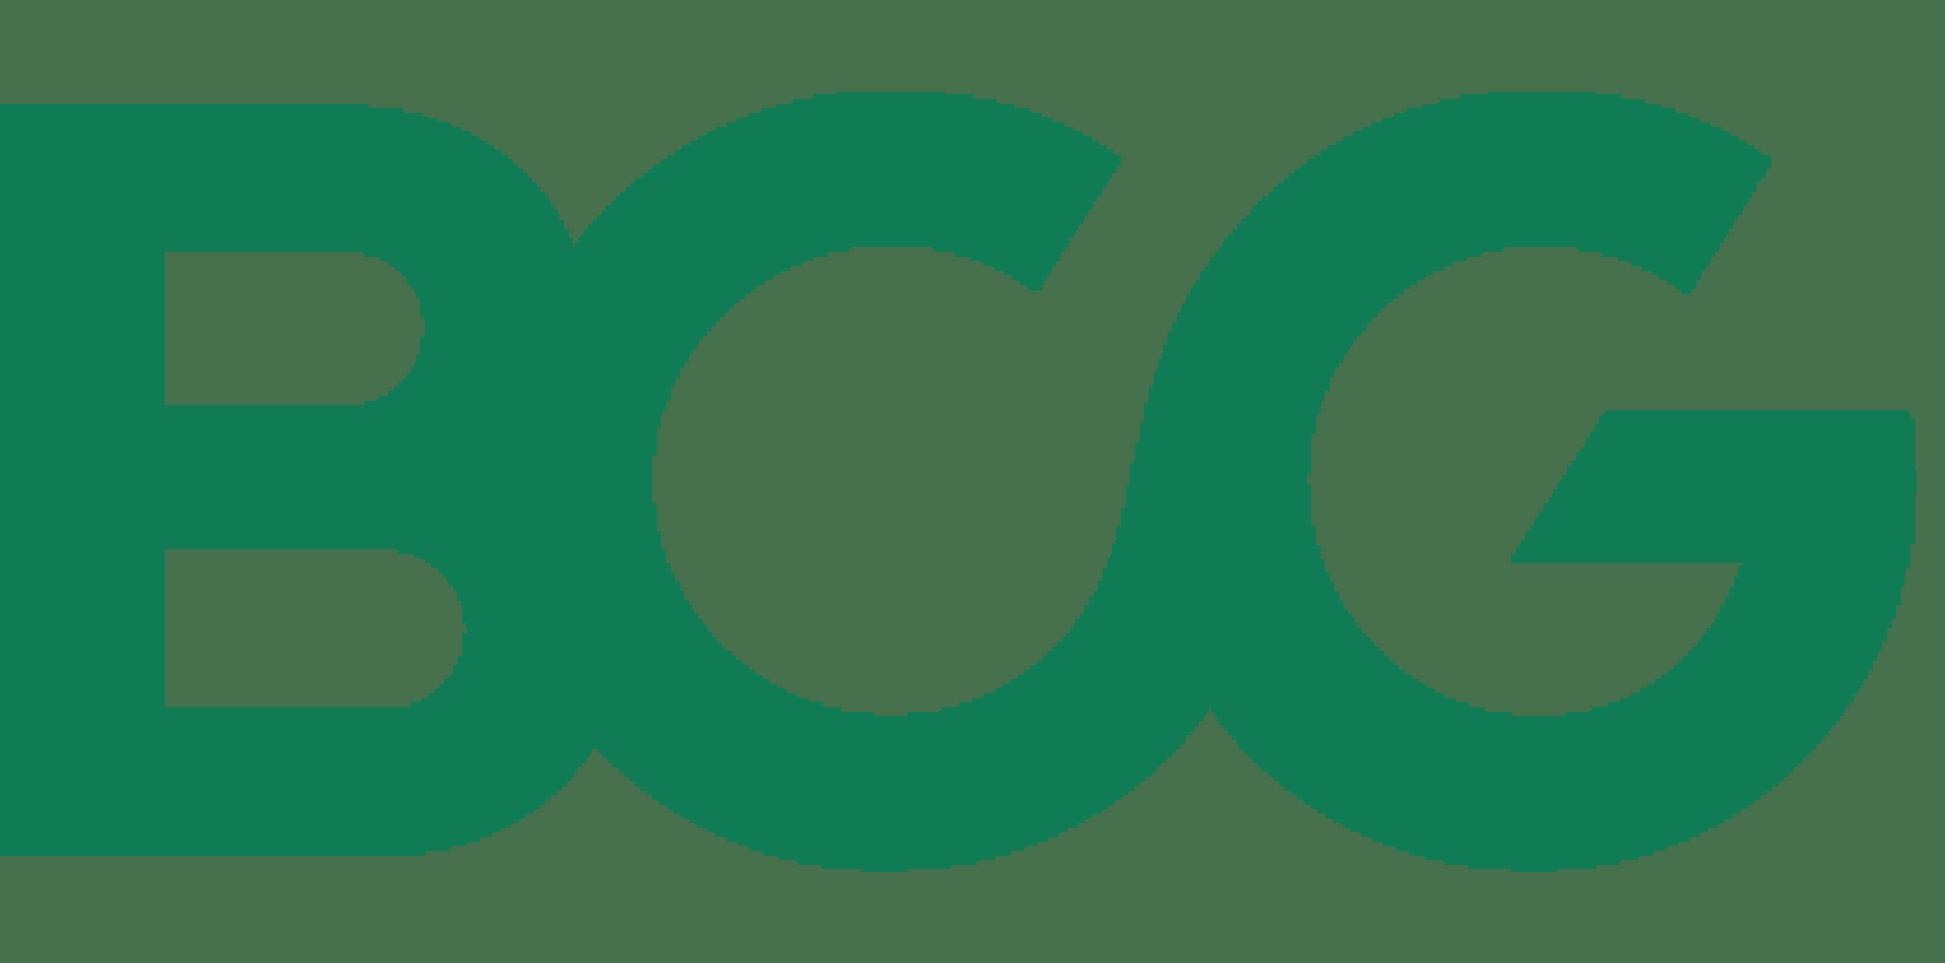 BCG-INTURN-Partner